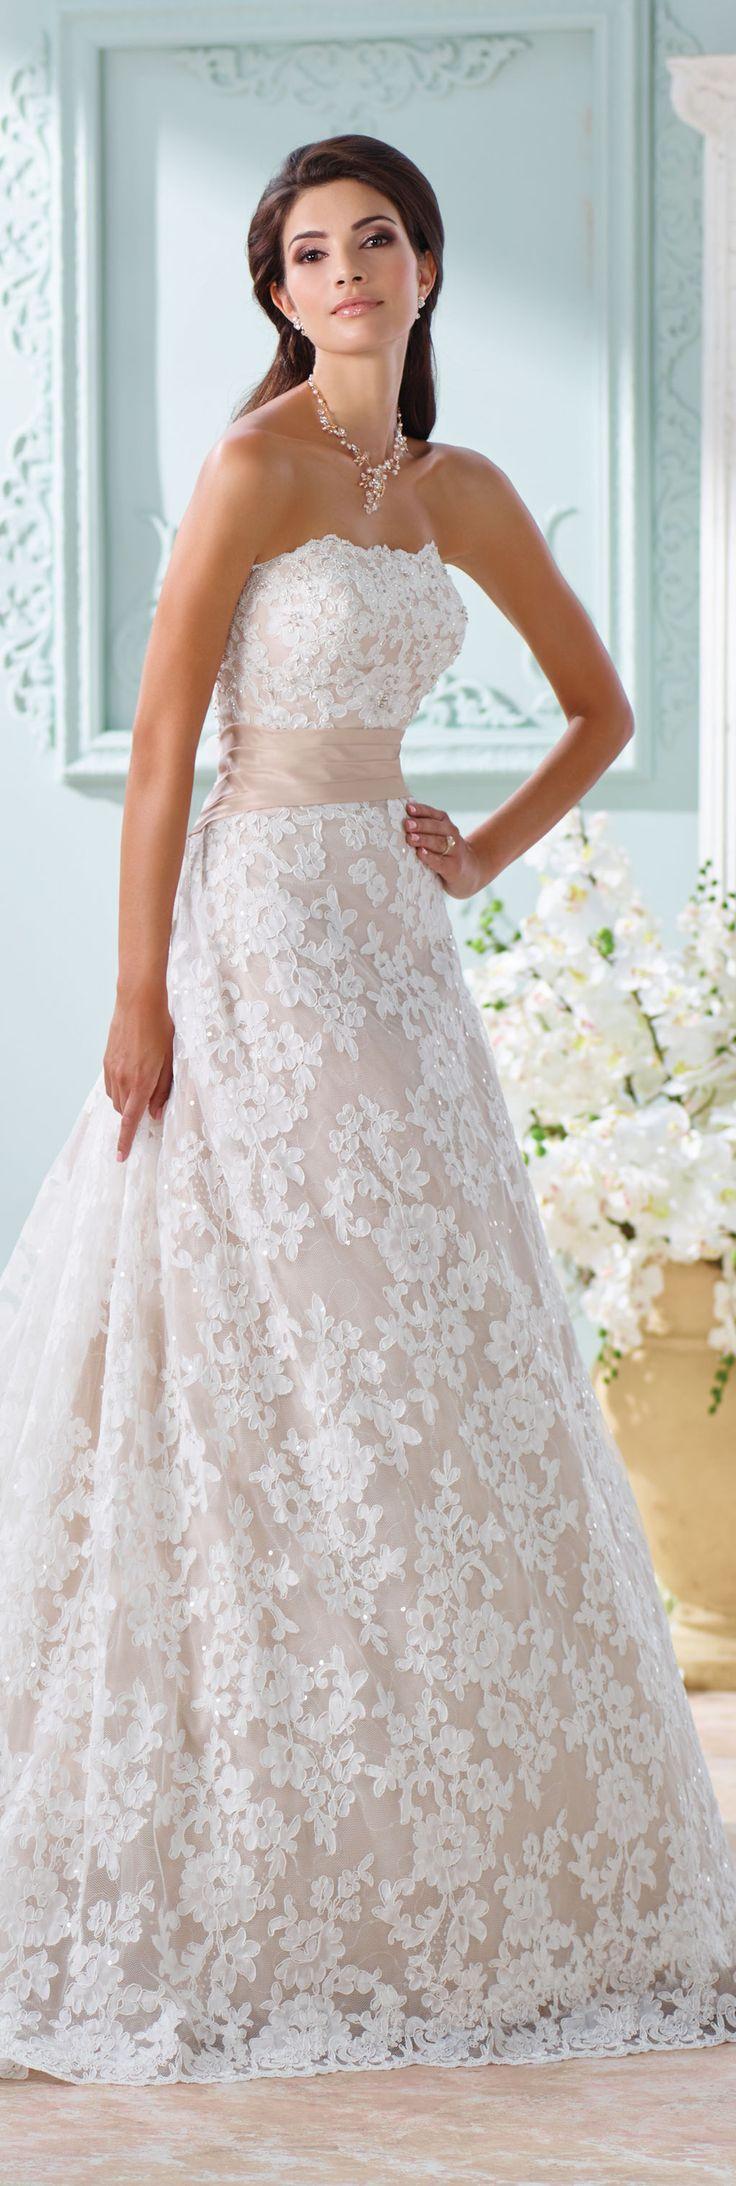 Best 25+ Aline wedding gowns ideas on Pinterest | Aline wedding ...